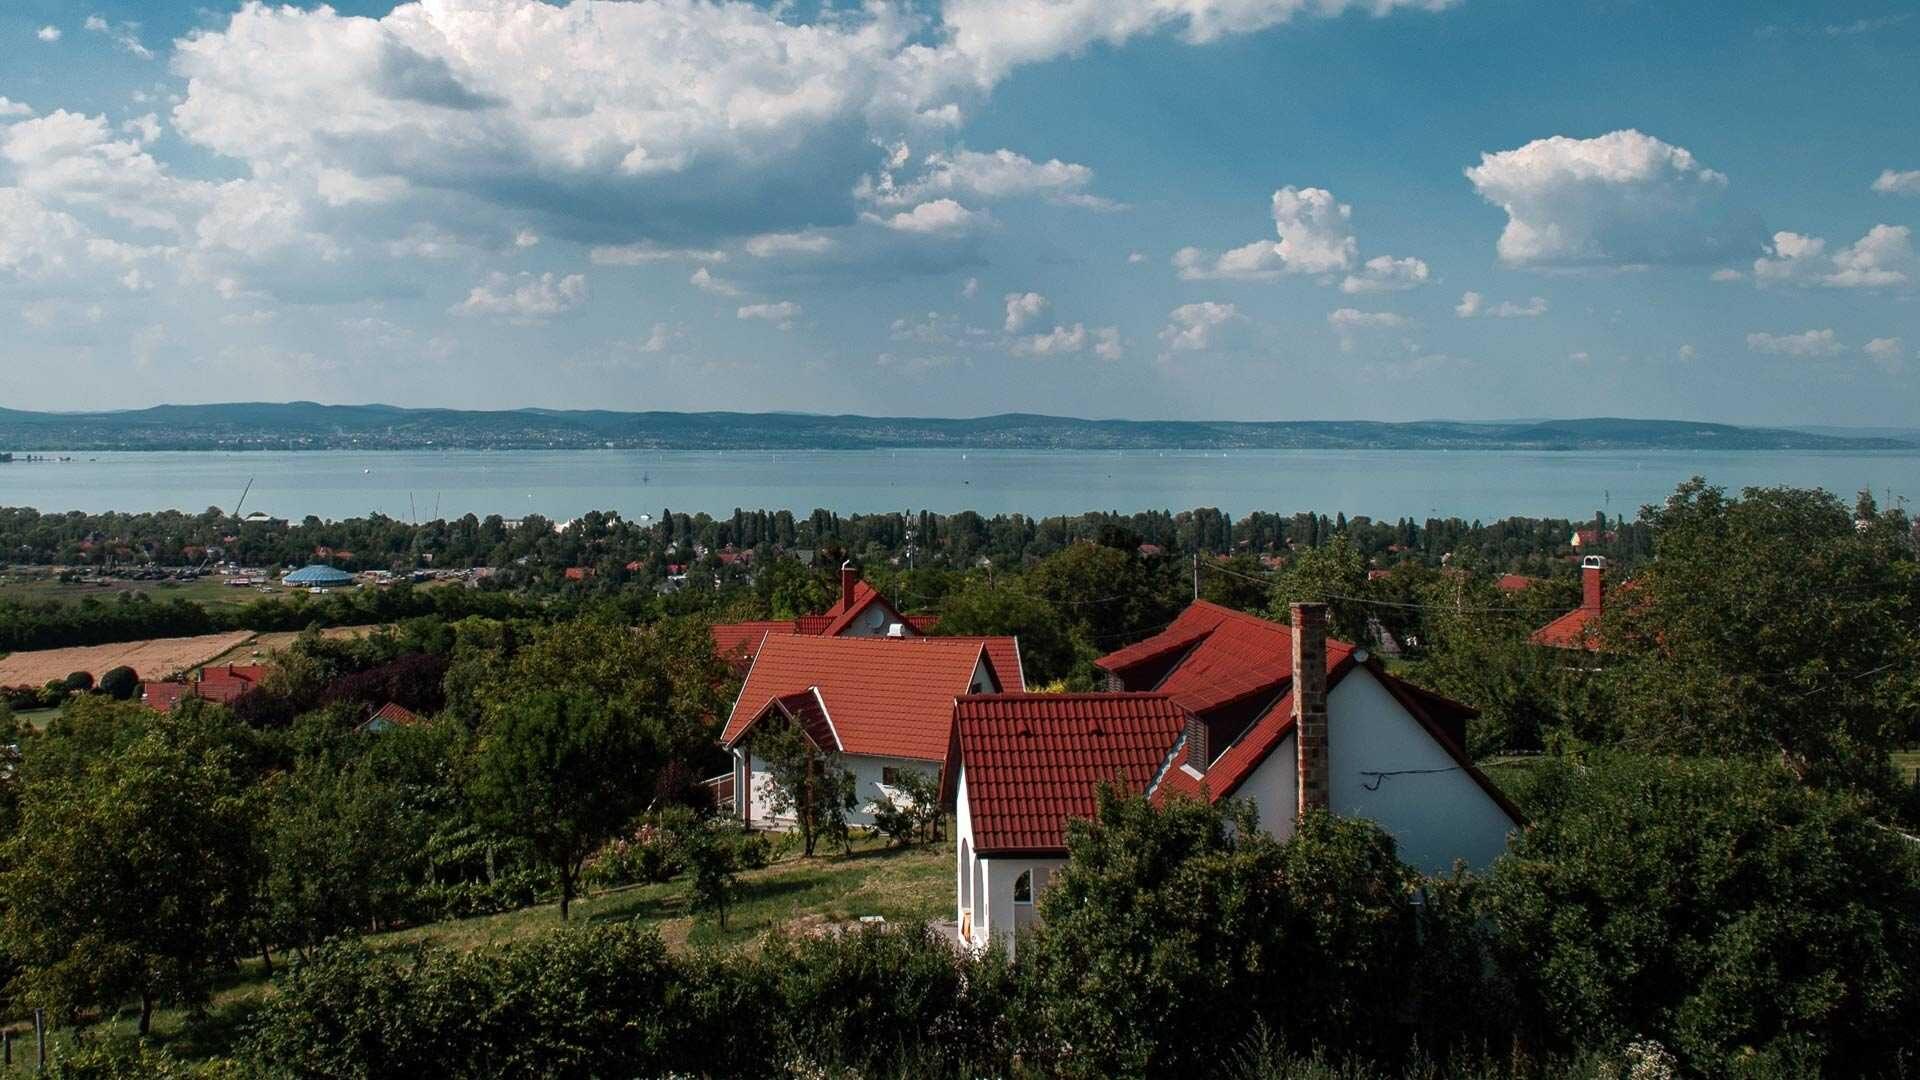 Balaton pogoda we wrześniu. Czy jest ciepło 2021? Prognoza